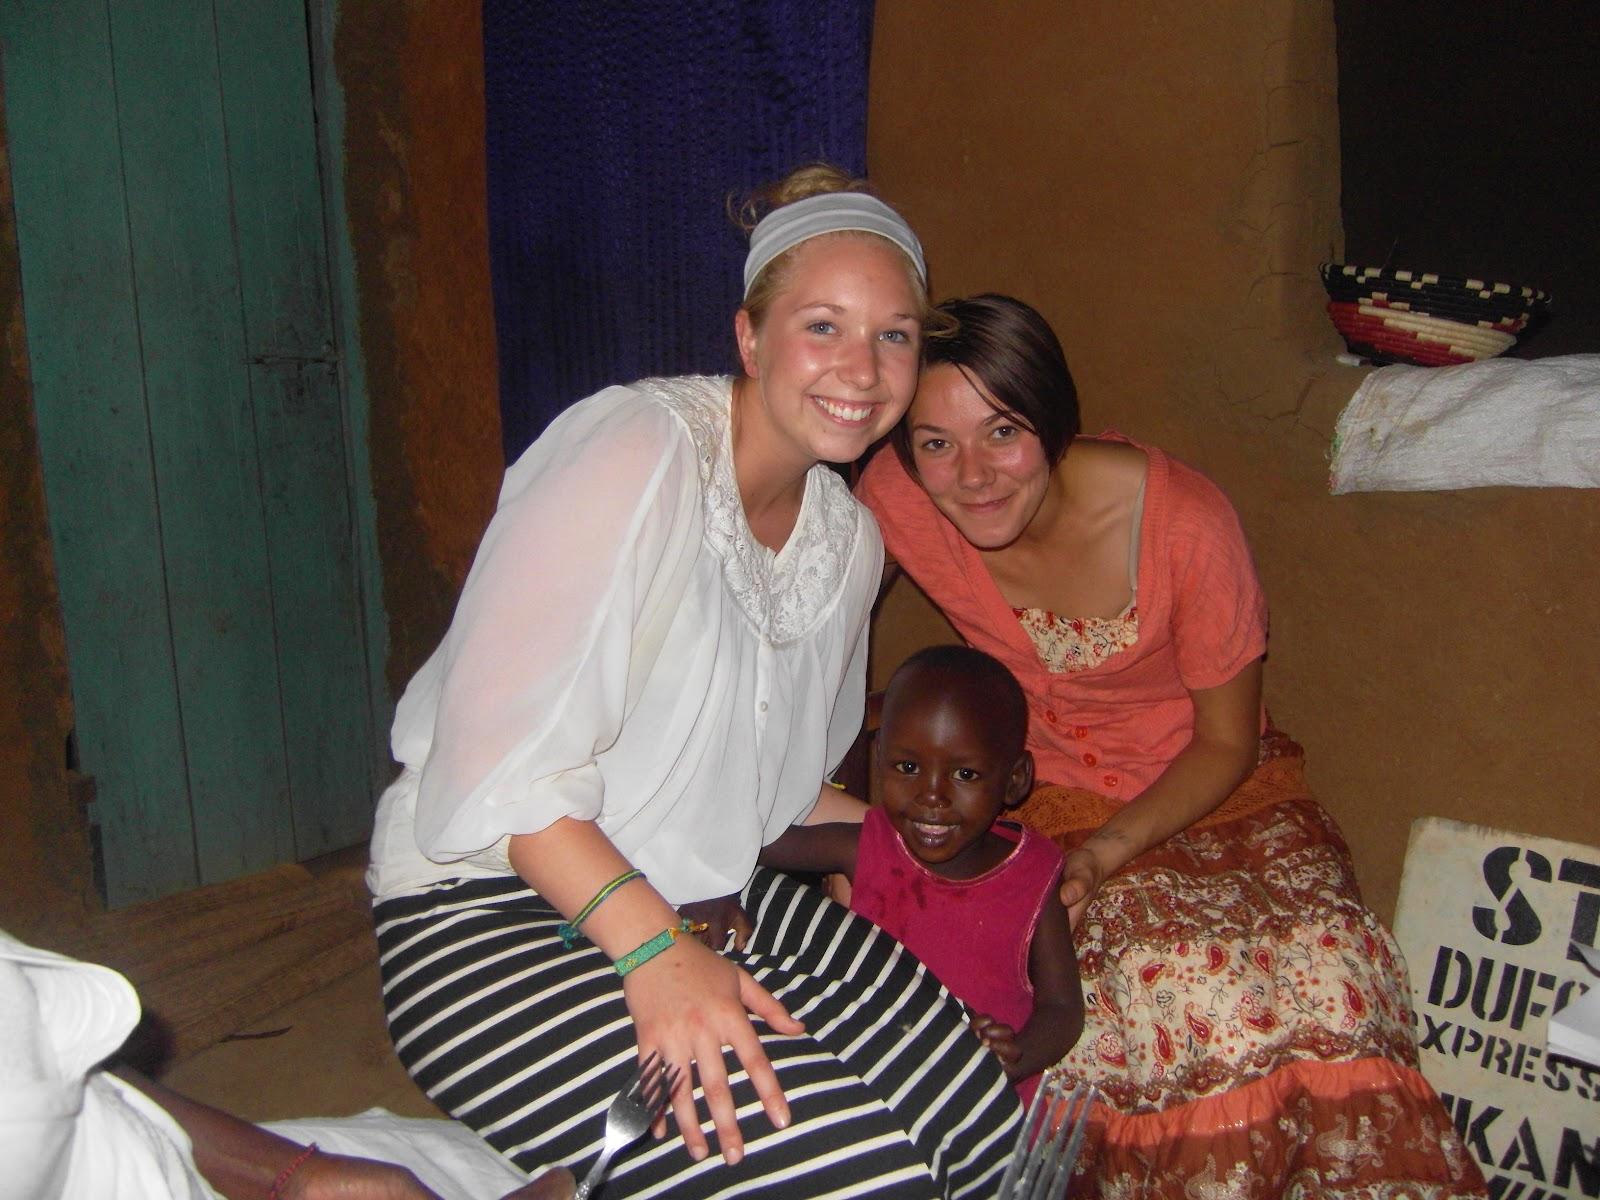 girls-halloween-naked-rwandan-women-upskirt-photos-how